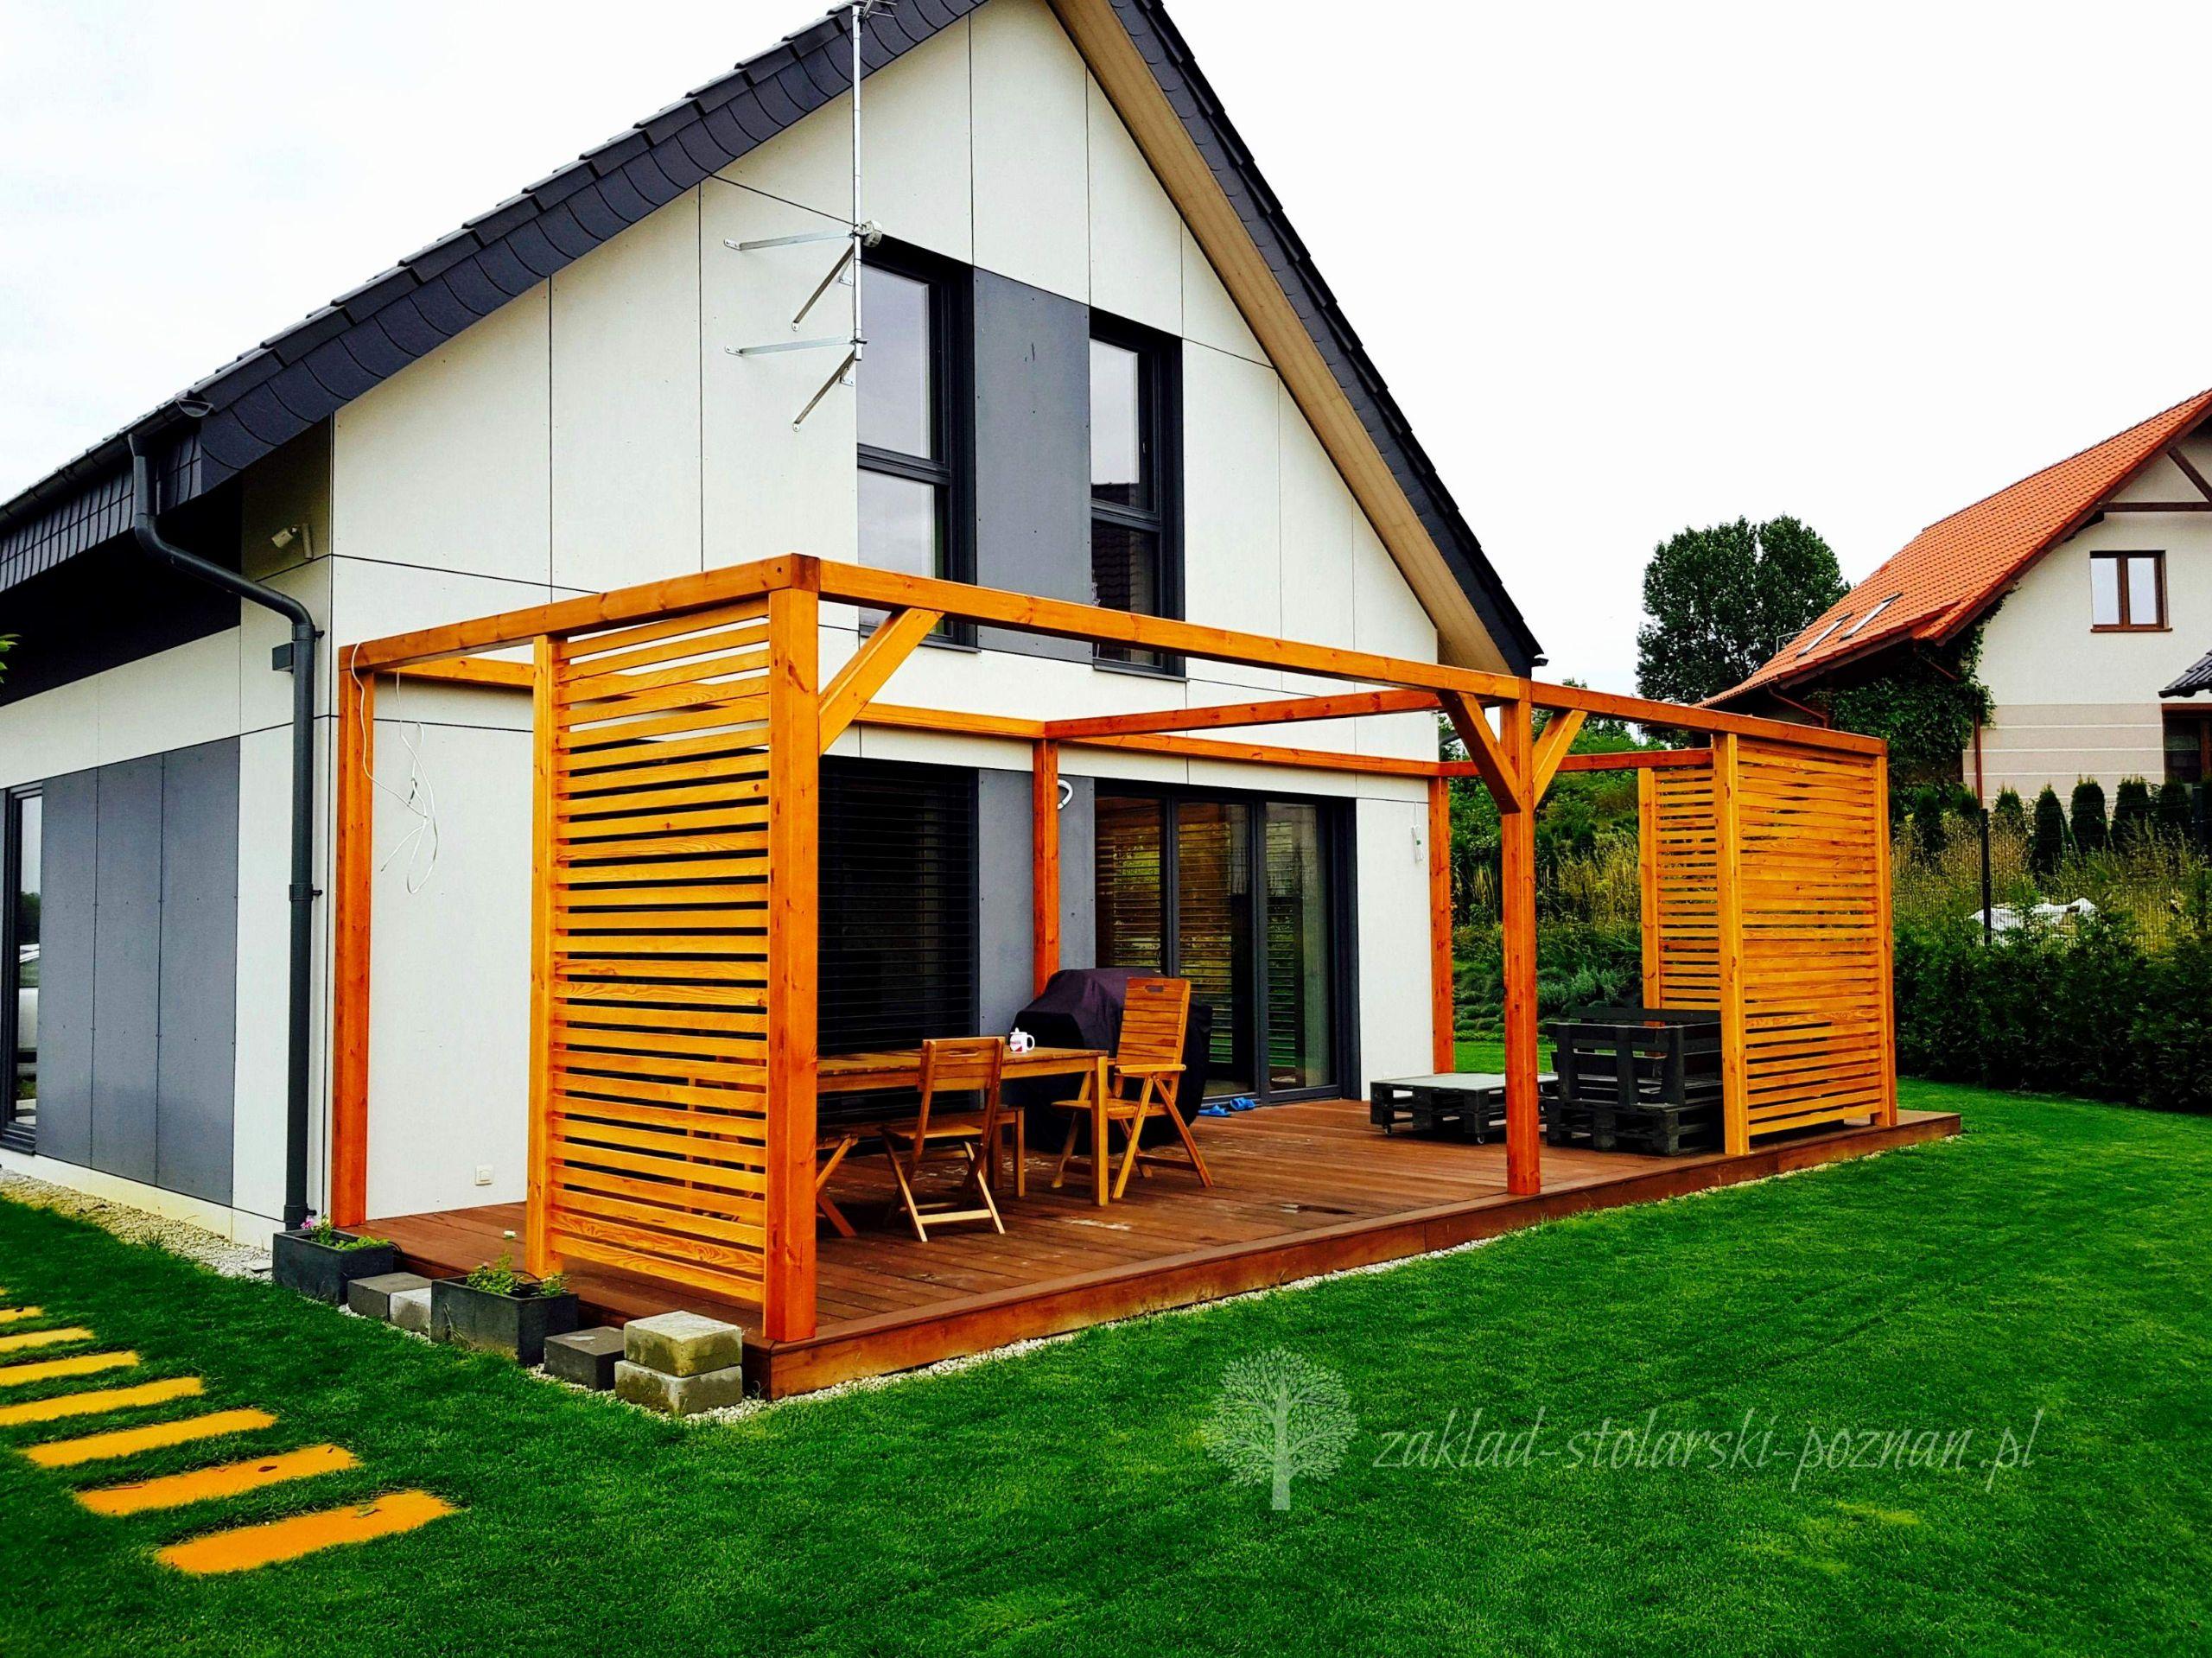 garten terrassen ideen inspirierend terrasse anlegen ideen neu pool anlegen garten swimmingpool of garten terrassen ideen scaled